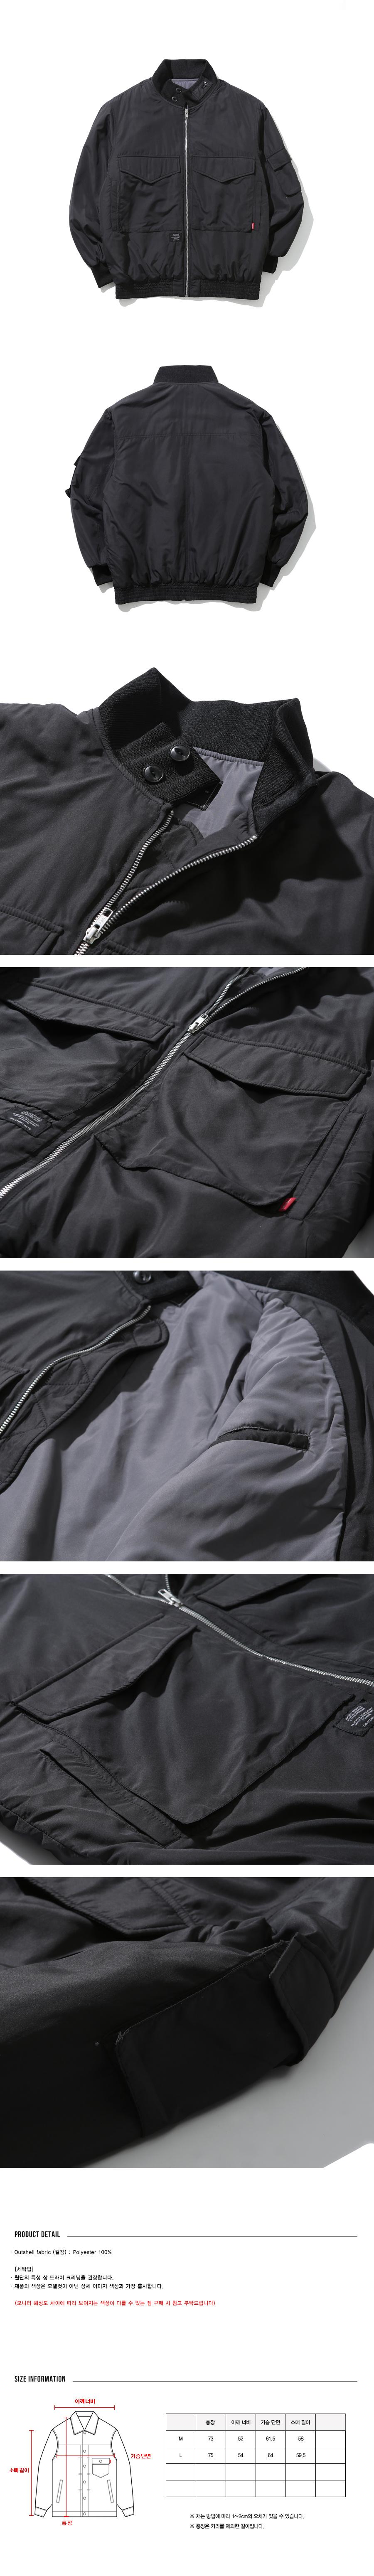 더스토리(THESTORI) 18FW G-8 Padding Jacket (Black)